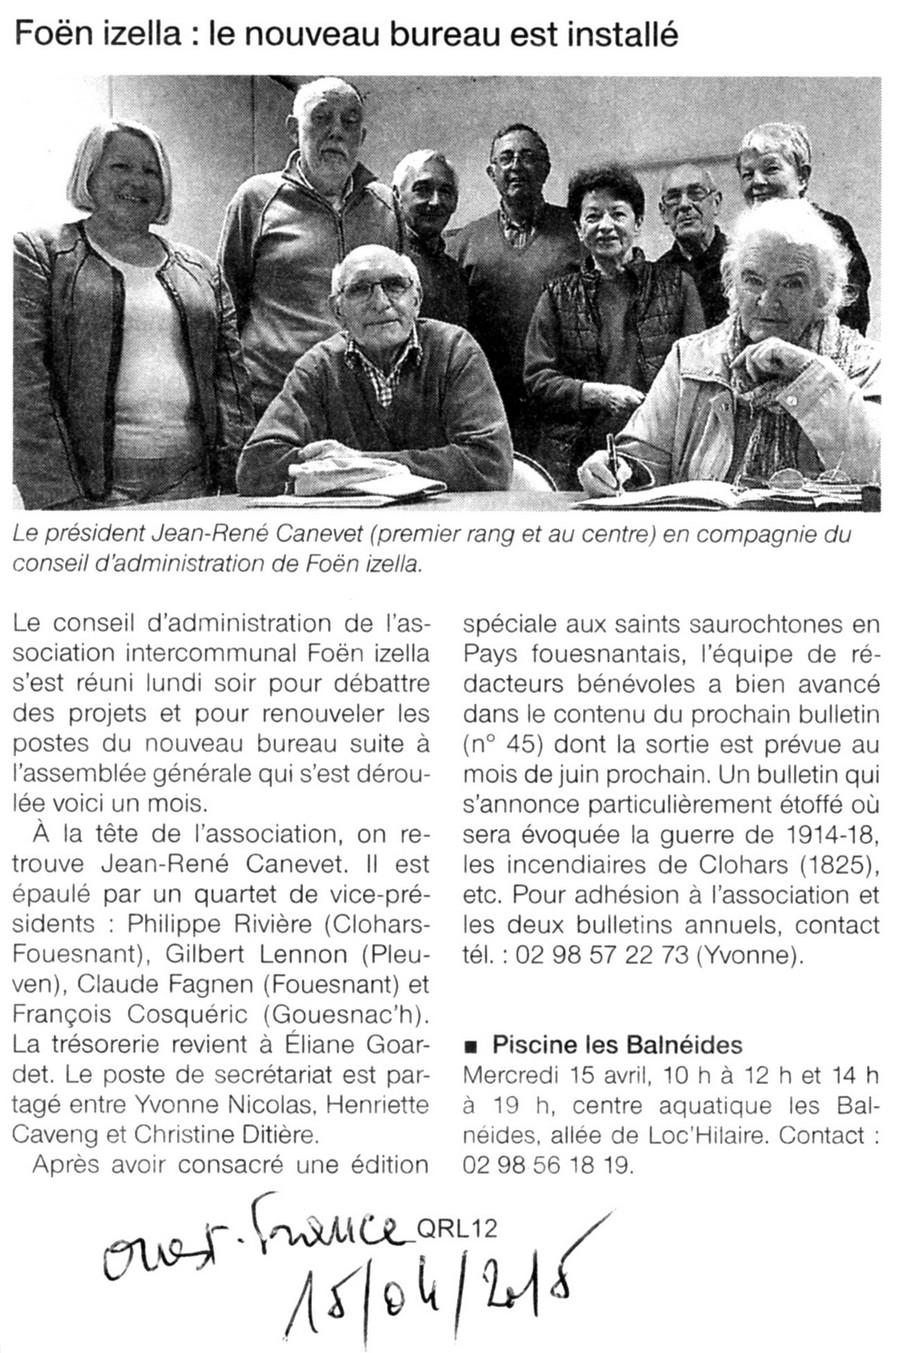 Article du Ouest France du 15/04/15 sur le nouveau Bureau de Foen Izella